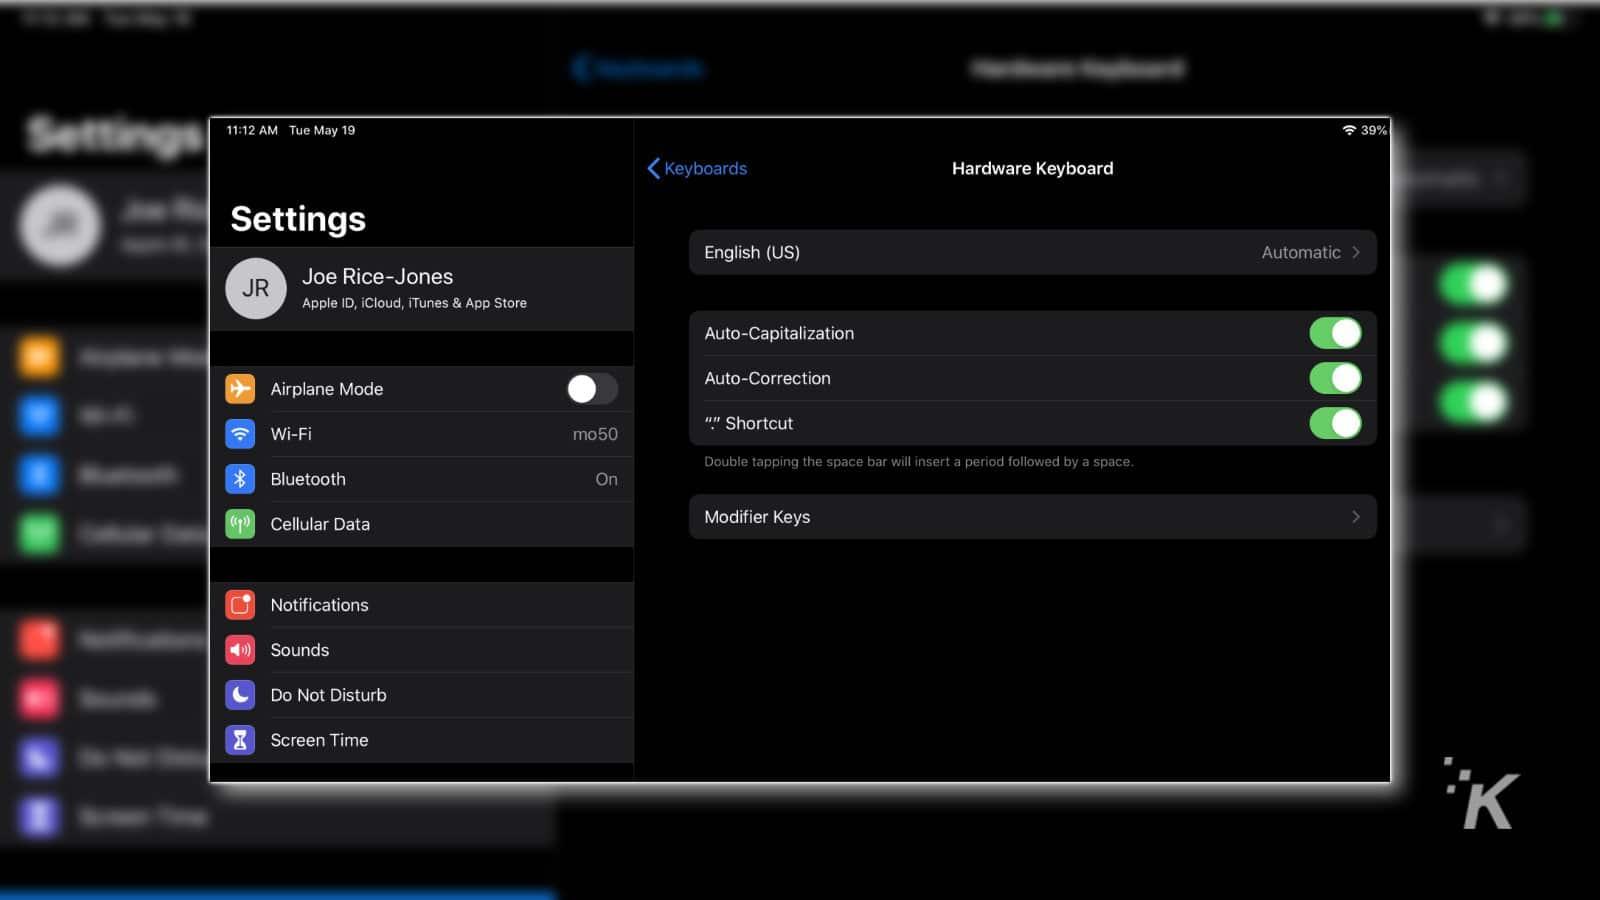 ipad hardware keyboard settings page